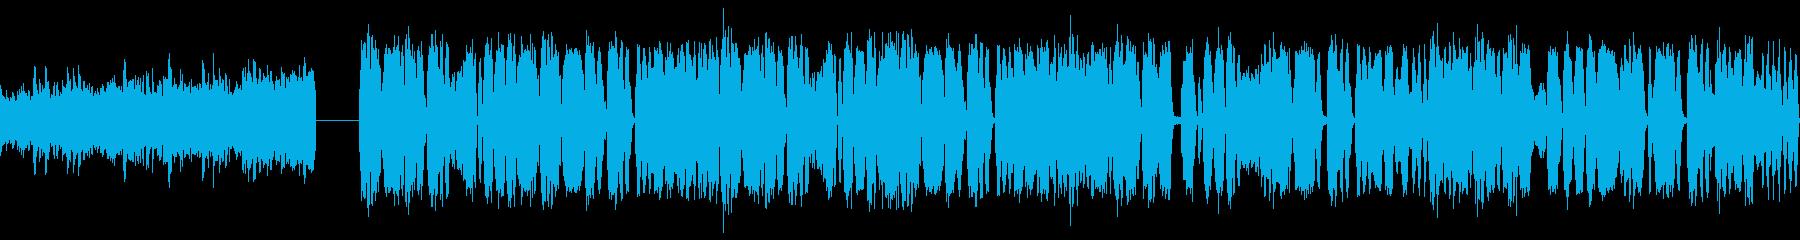 eスポーツ 大会 EDM ドロップ30秒の再生済みの波形